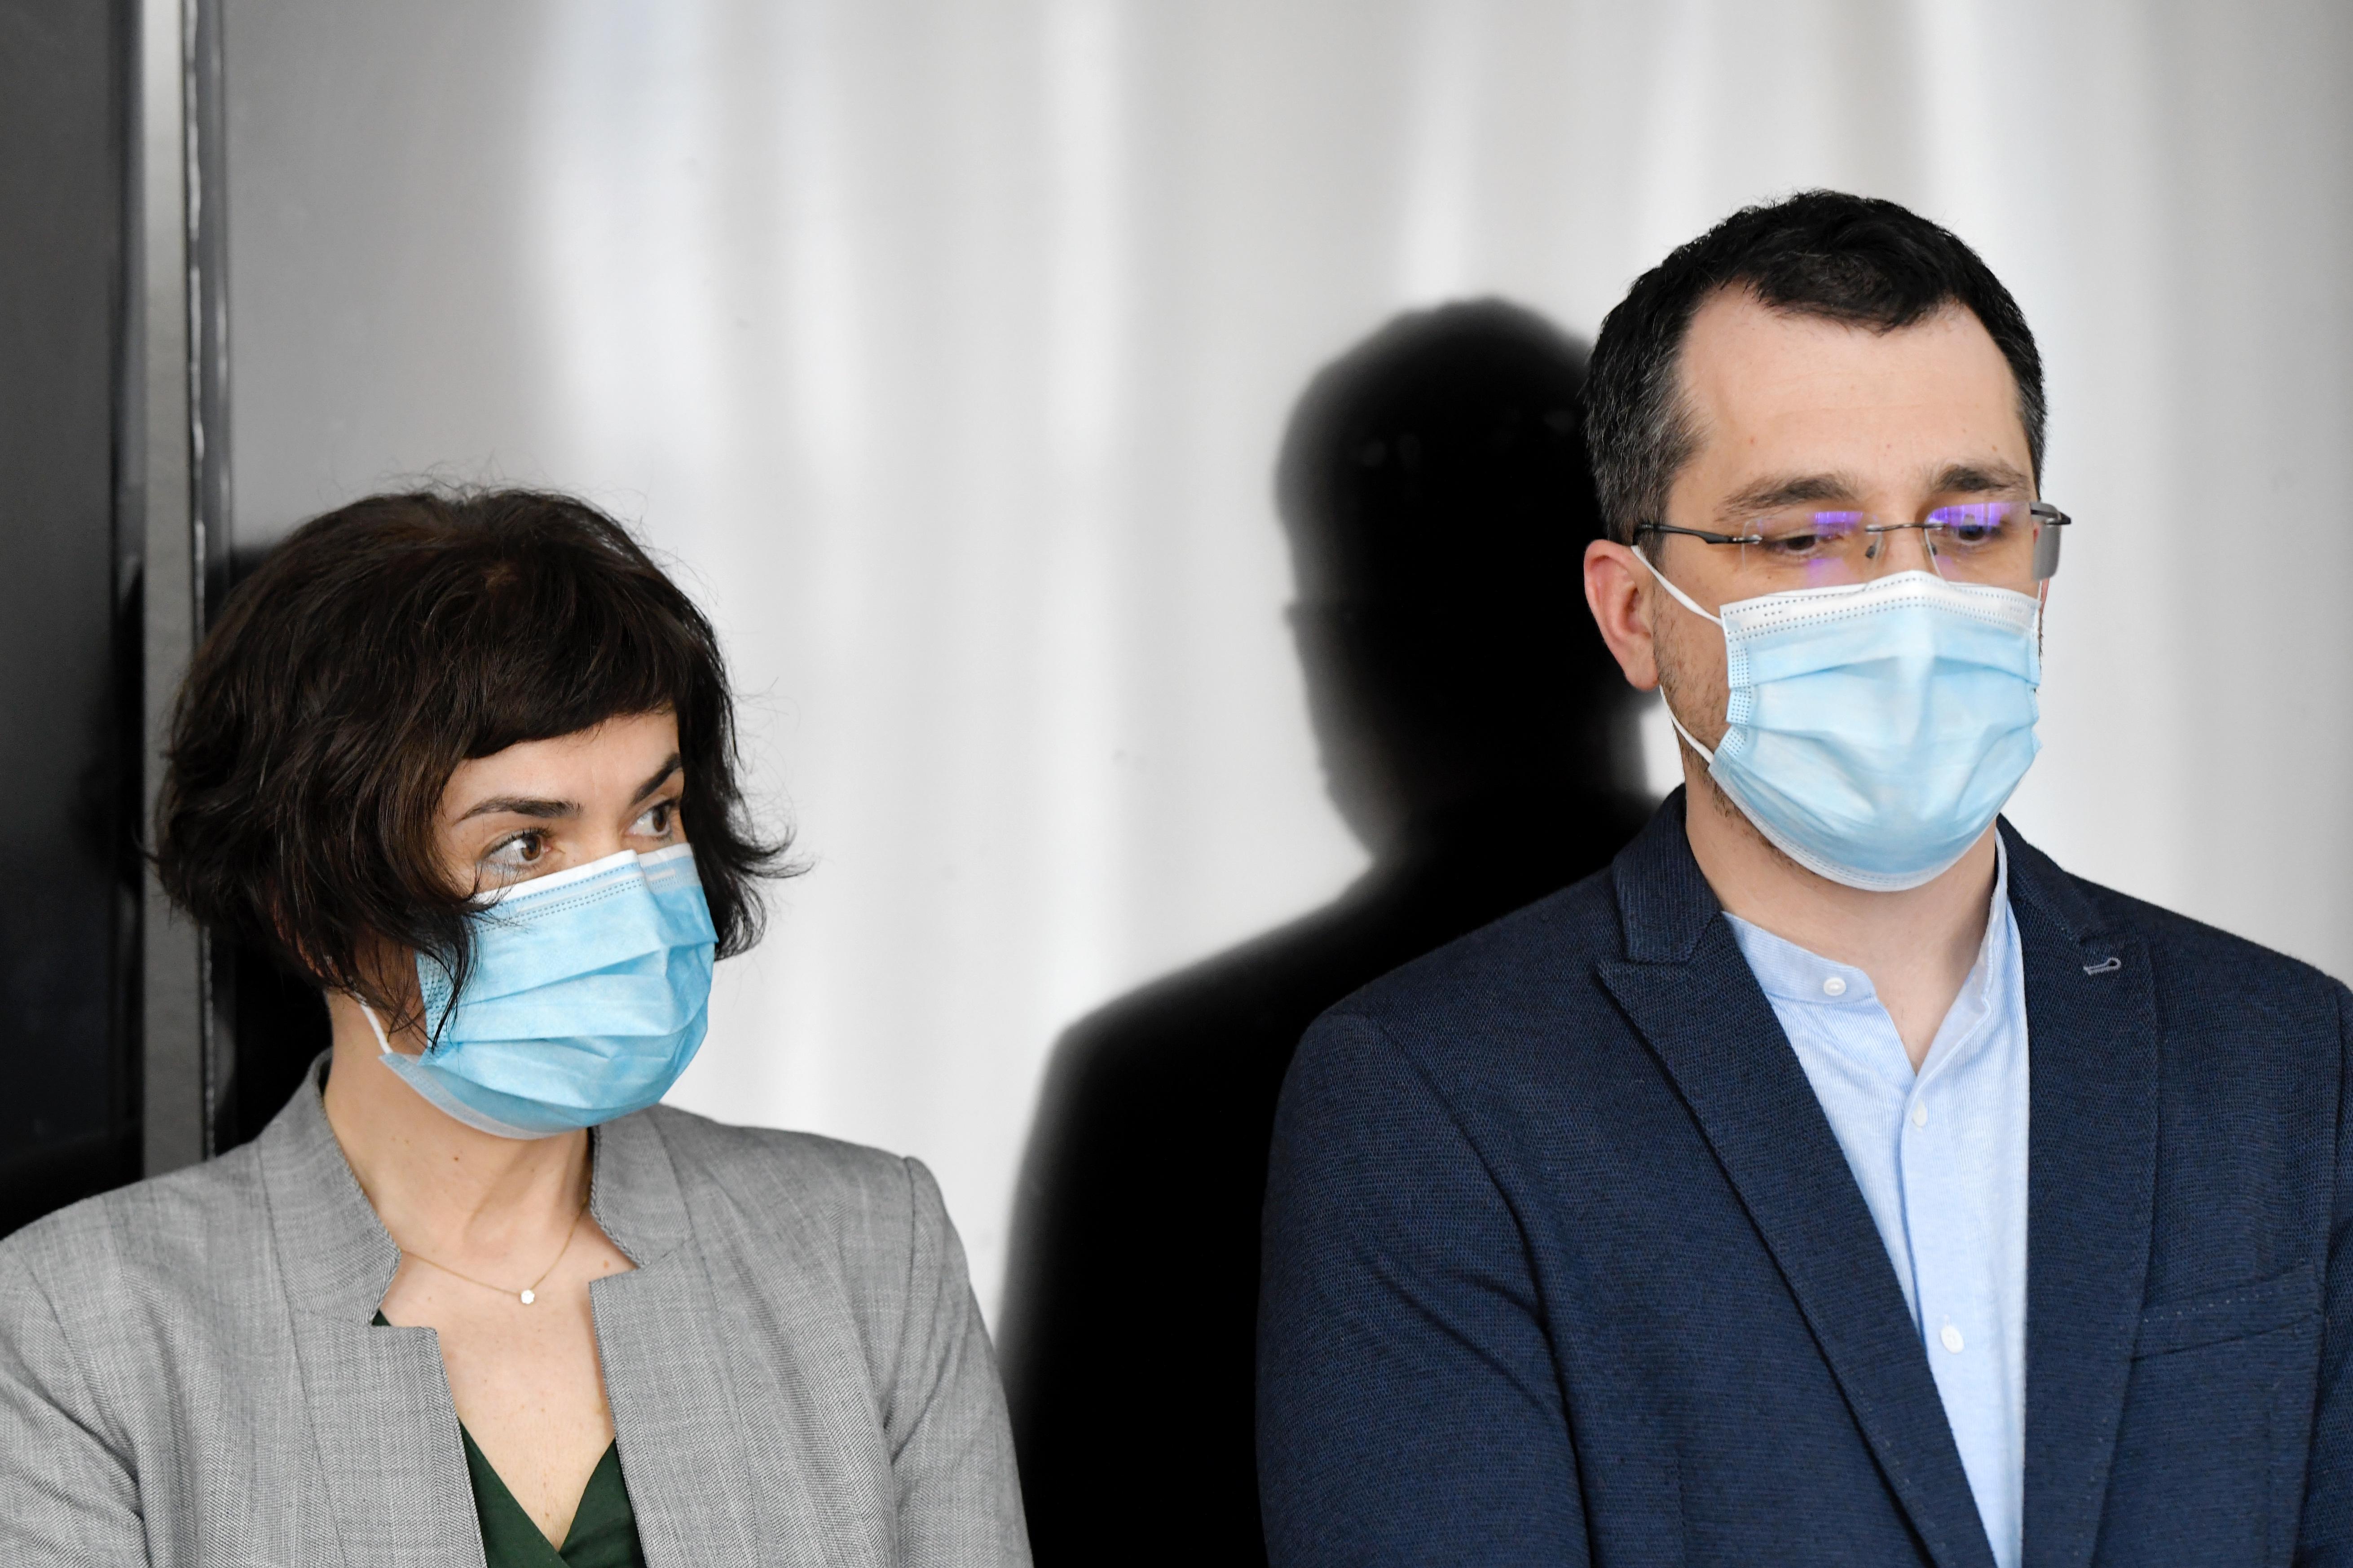 COMENTARIU Crenguţa Nicolae | Ce trebuie să ştie despre carantină viitorul ministru al Sănătăţii